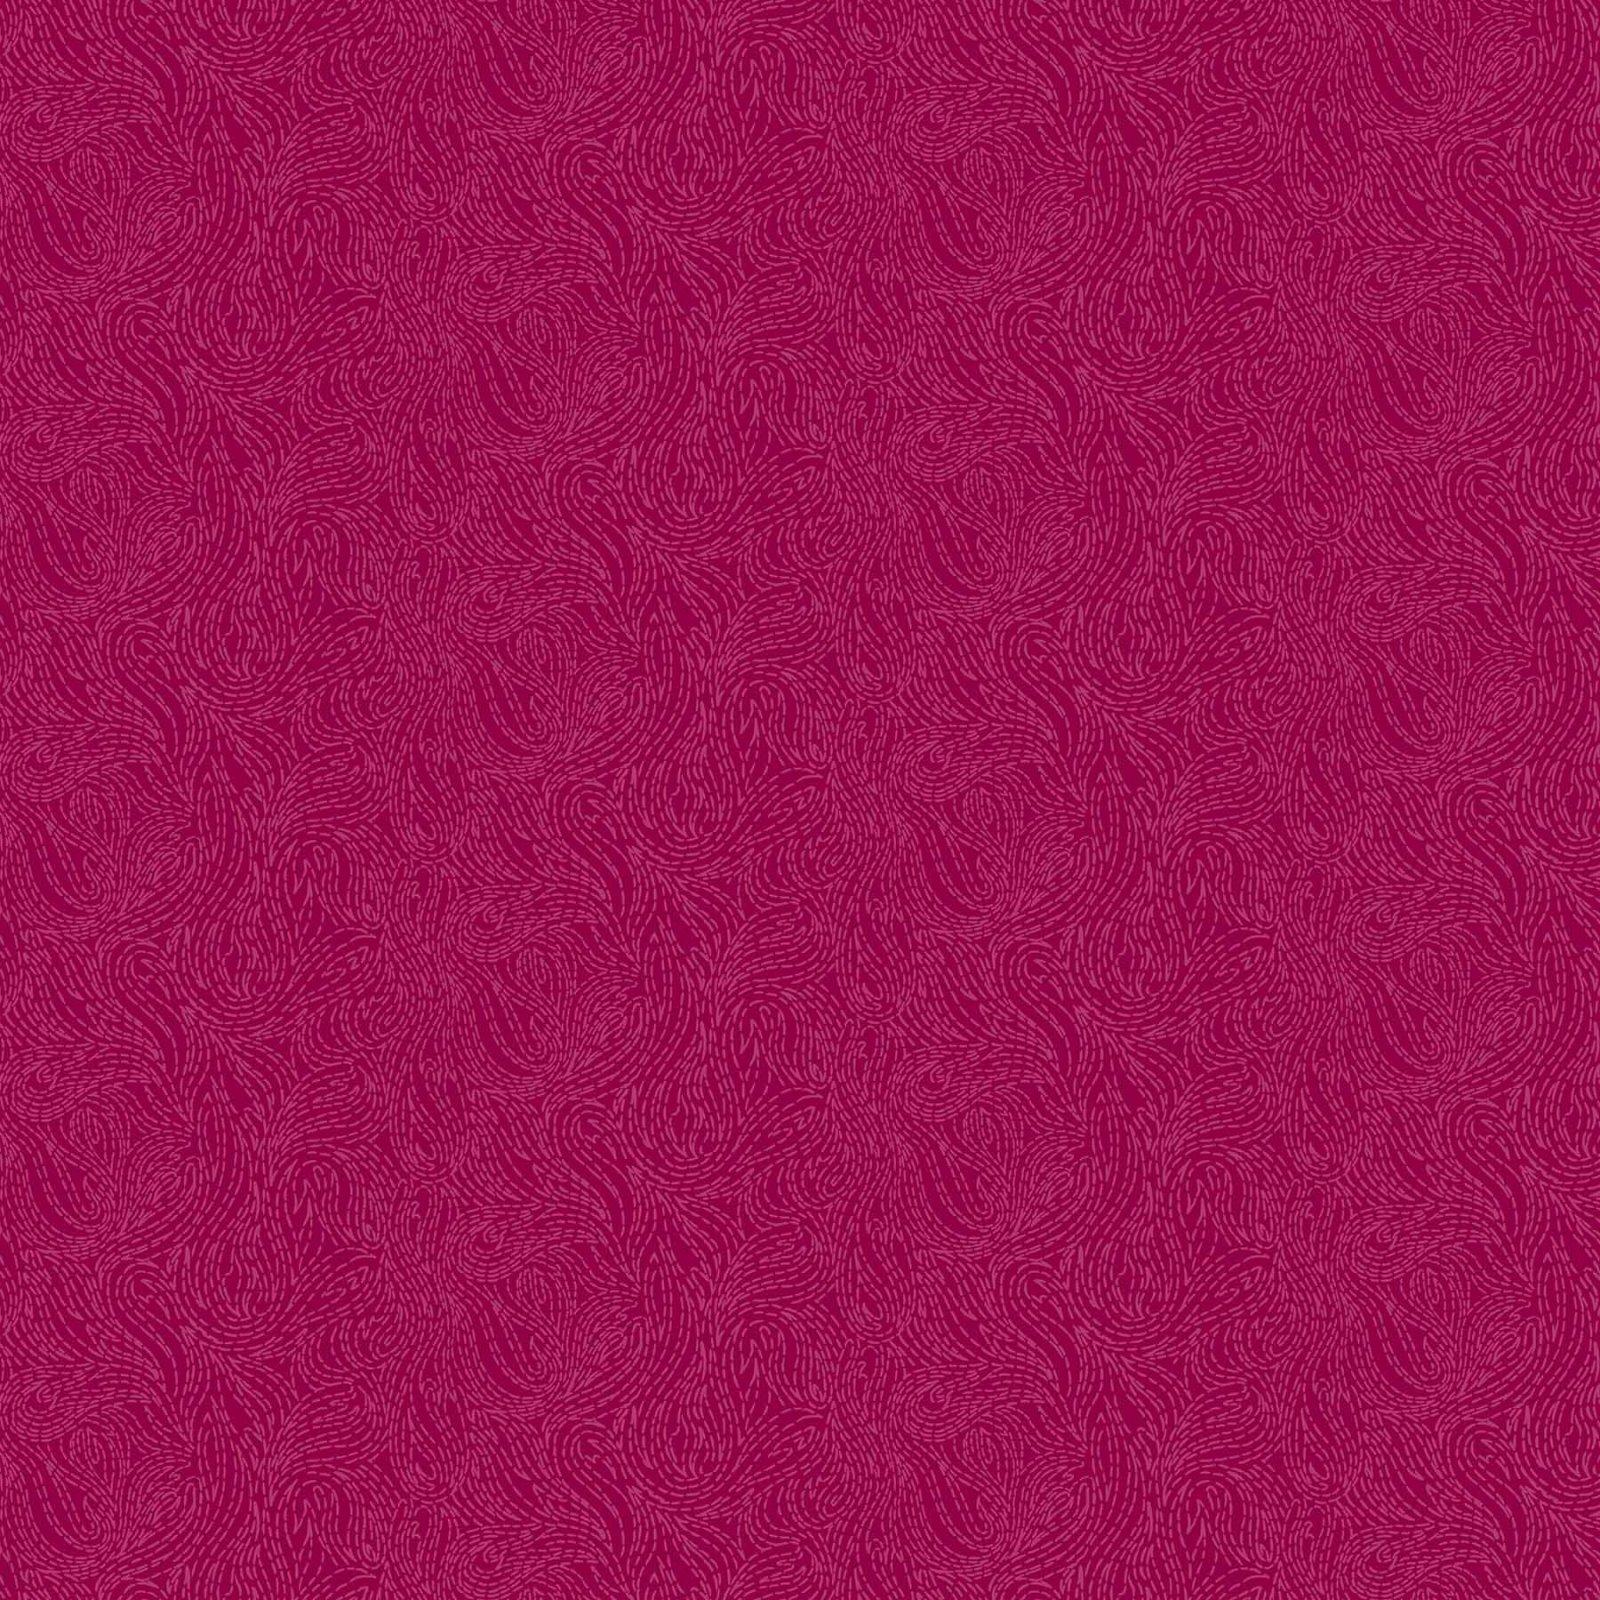 Figo Elements - Whorls Fuchsia